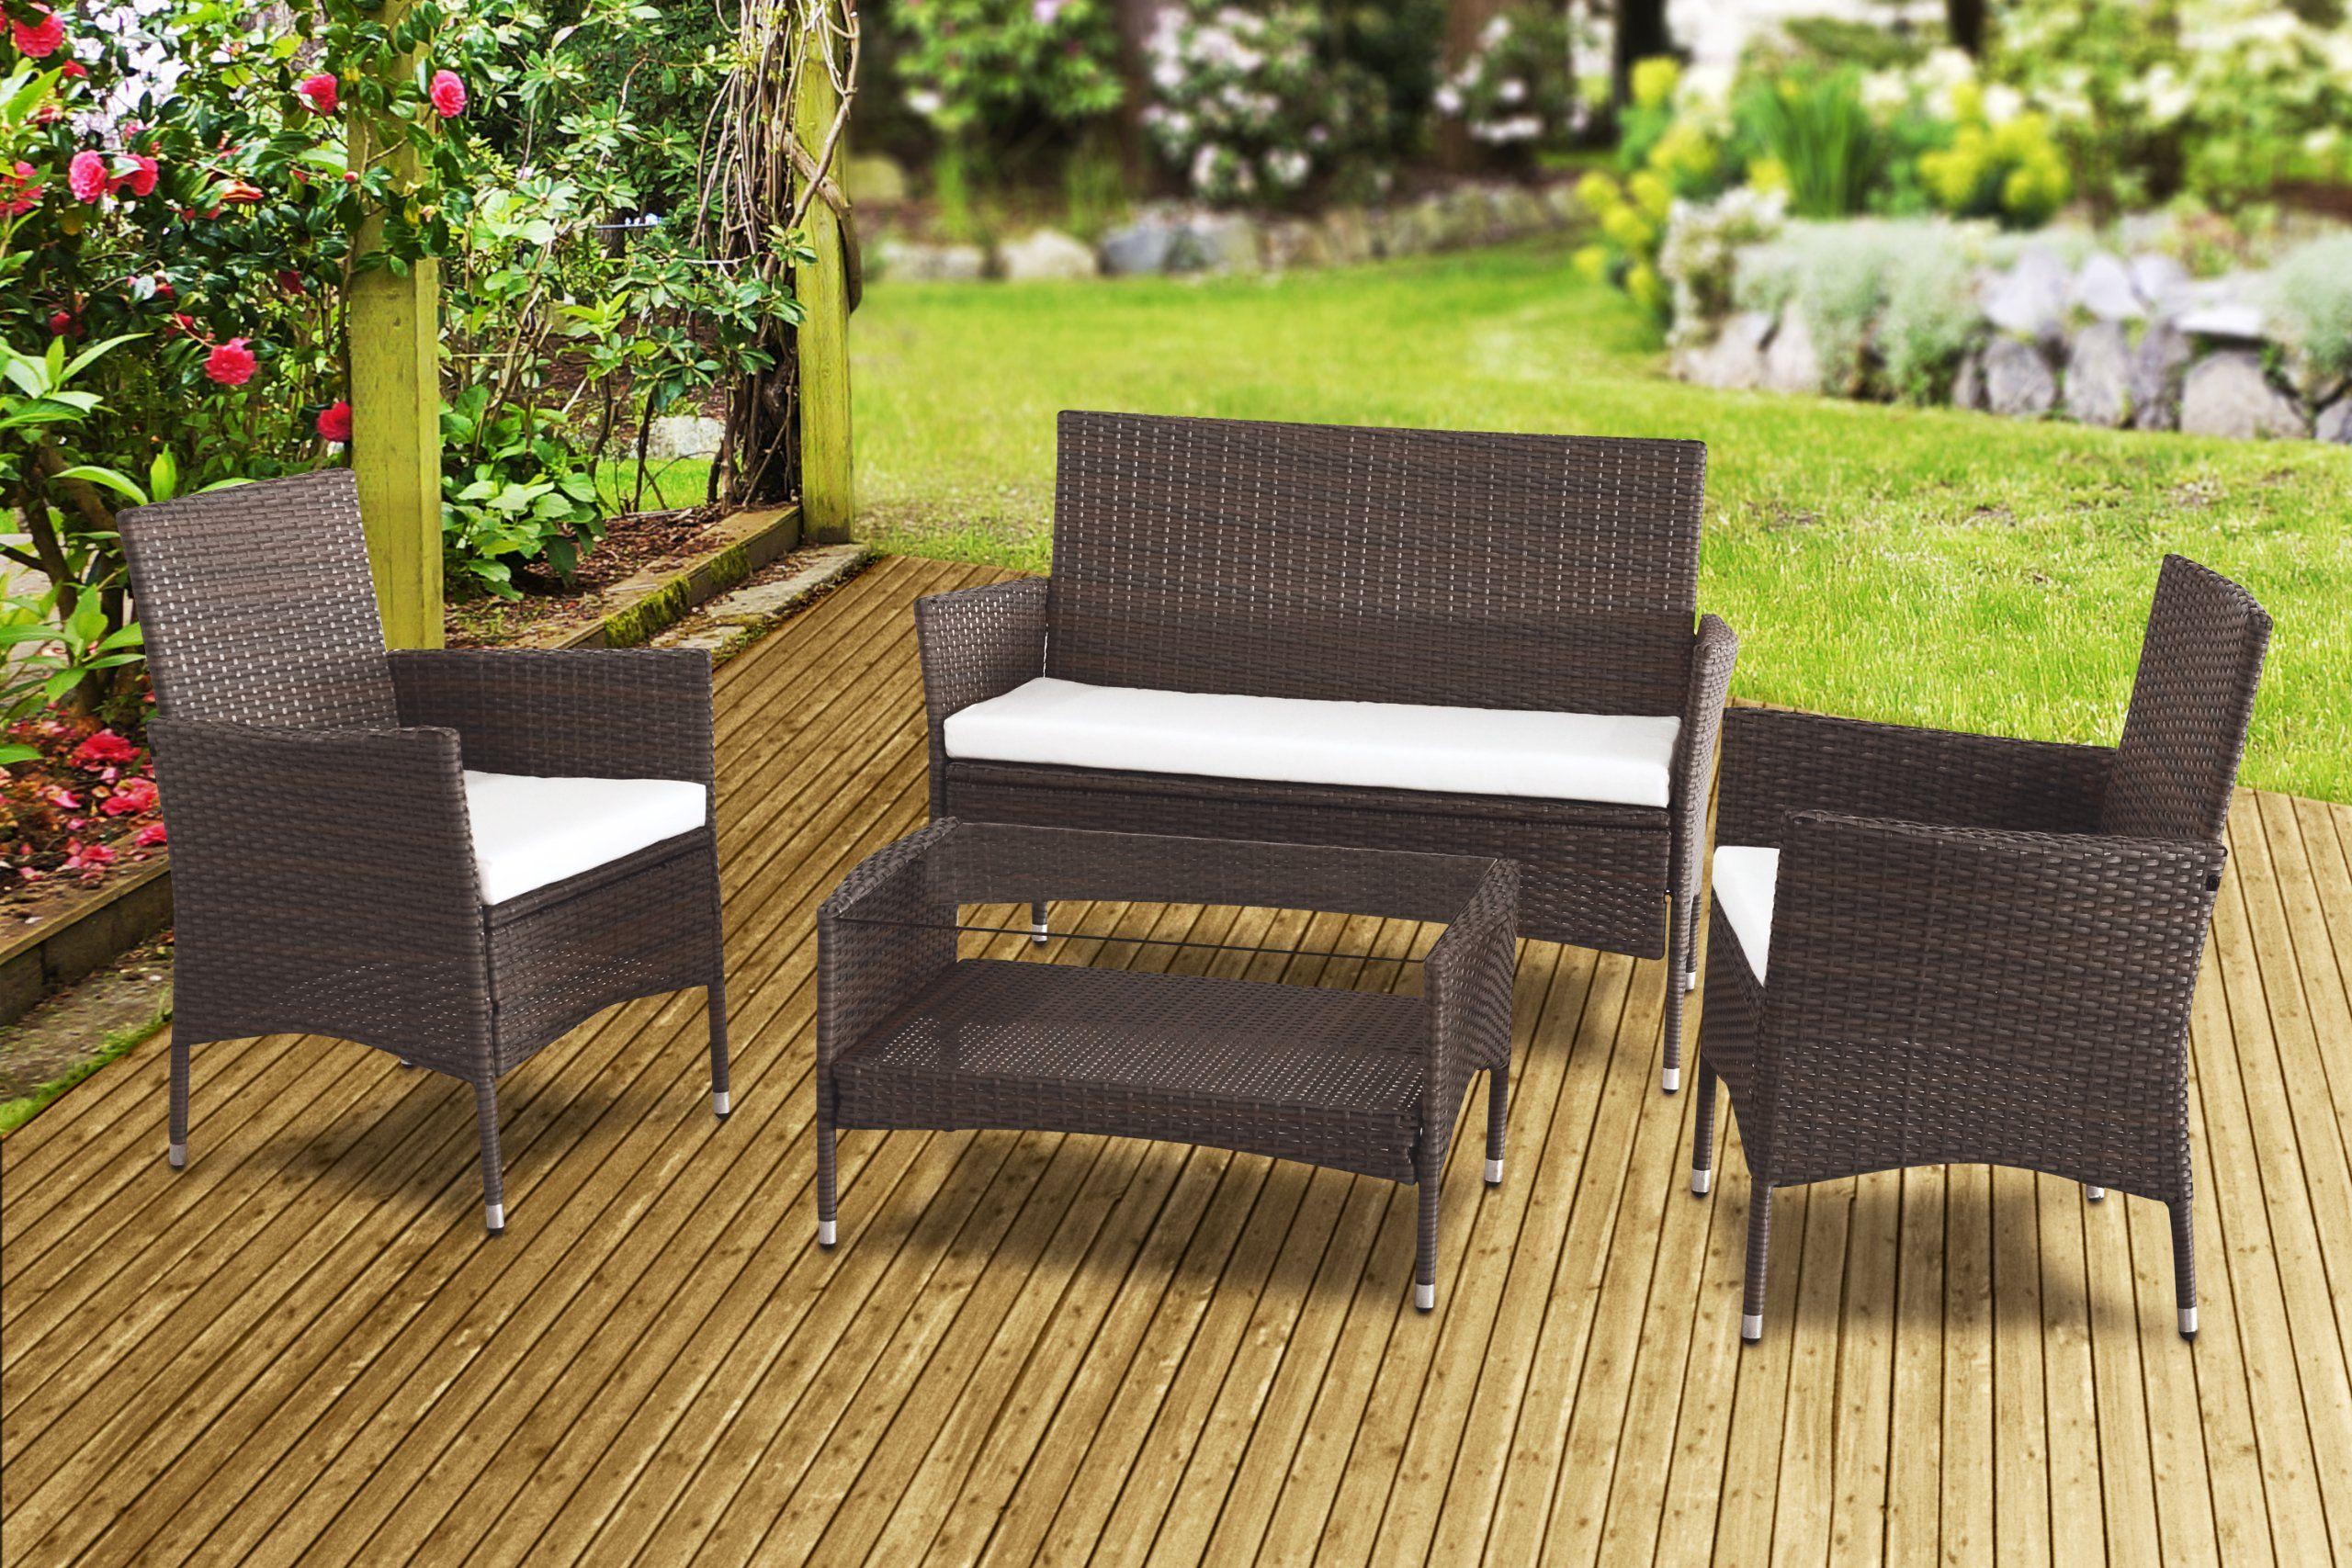 New Zante Rattan Wicker Weave Garden Furniture Patio